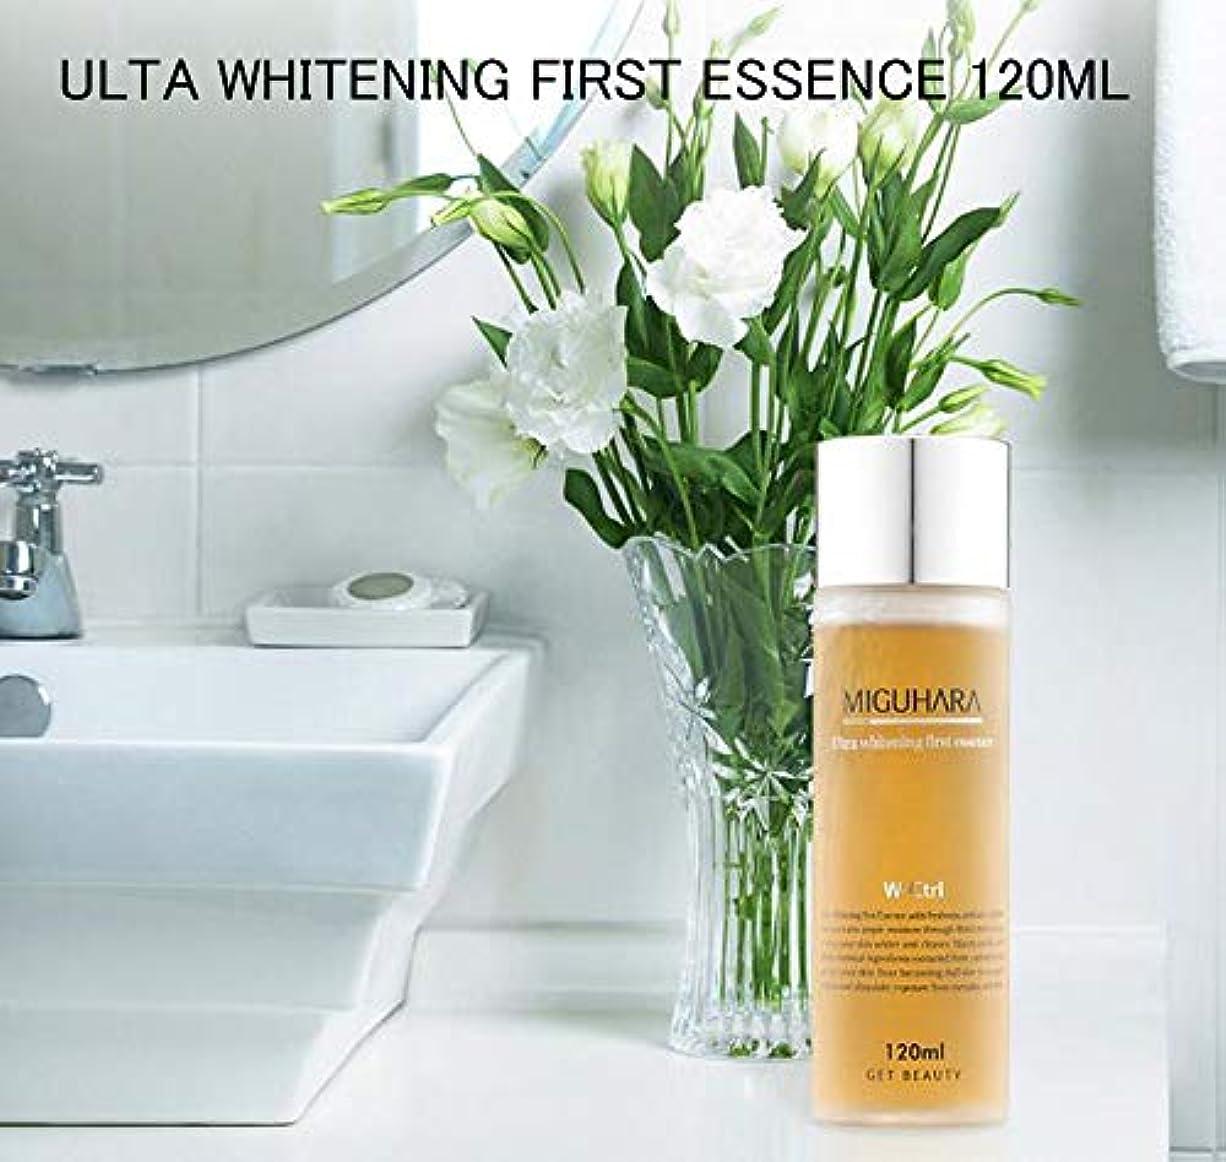 の中で純粋な素晴らしいですMIGUHARA Ultra Whitening First Essence 120ml/ウルトラホワイトニングファーストエッセンス